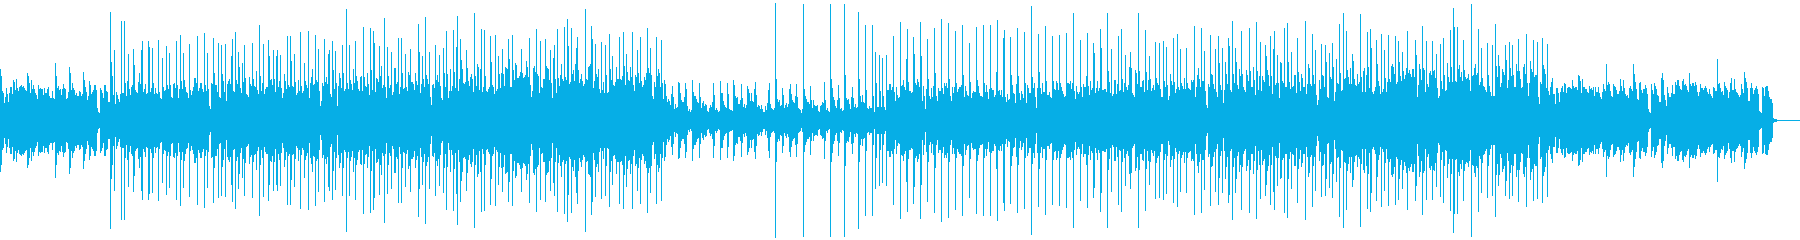 メロウで優しいR&BのBGMの再生済みの波形